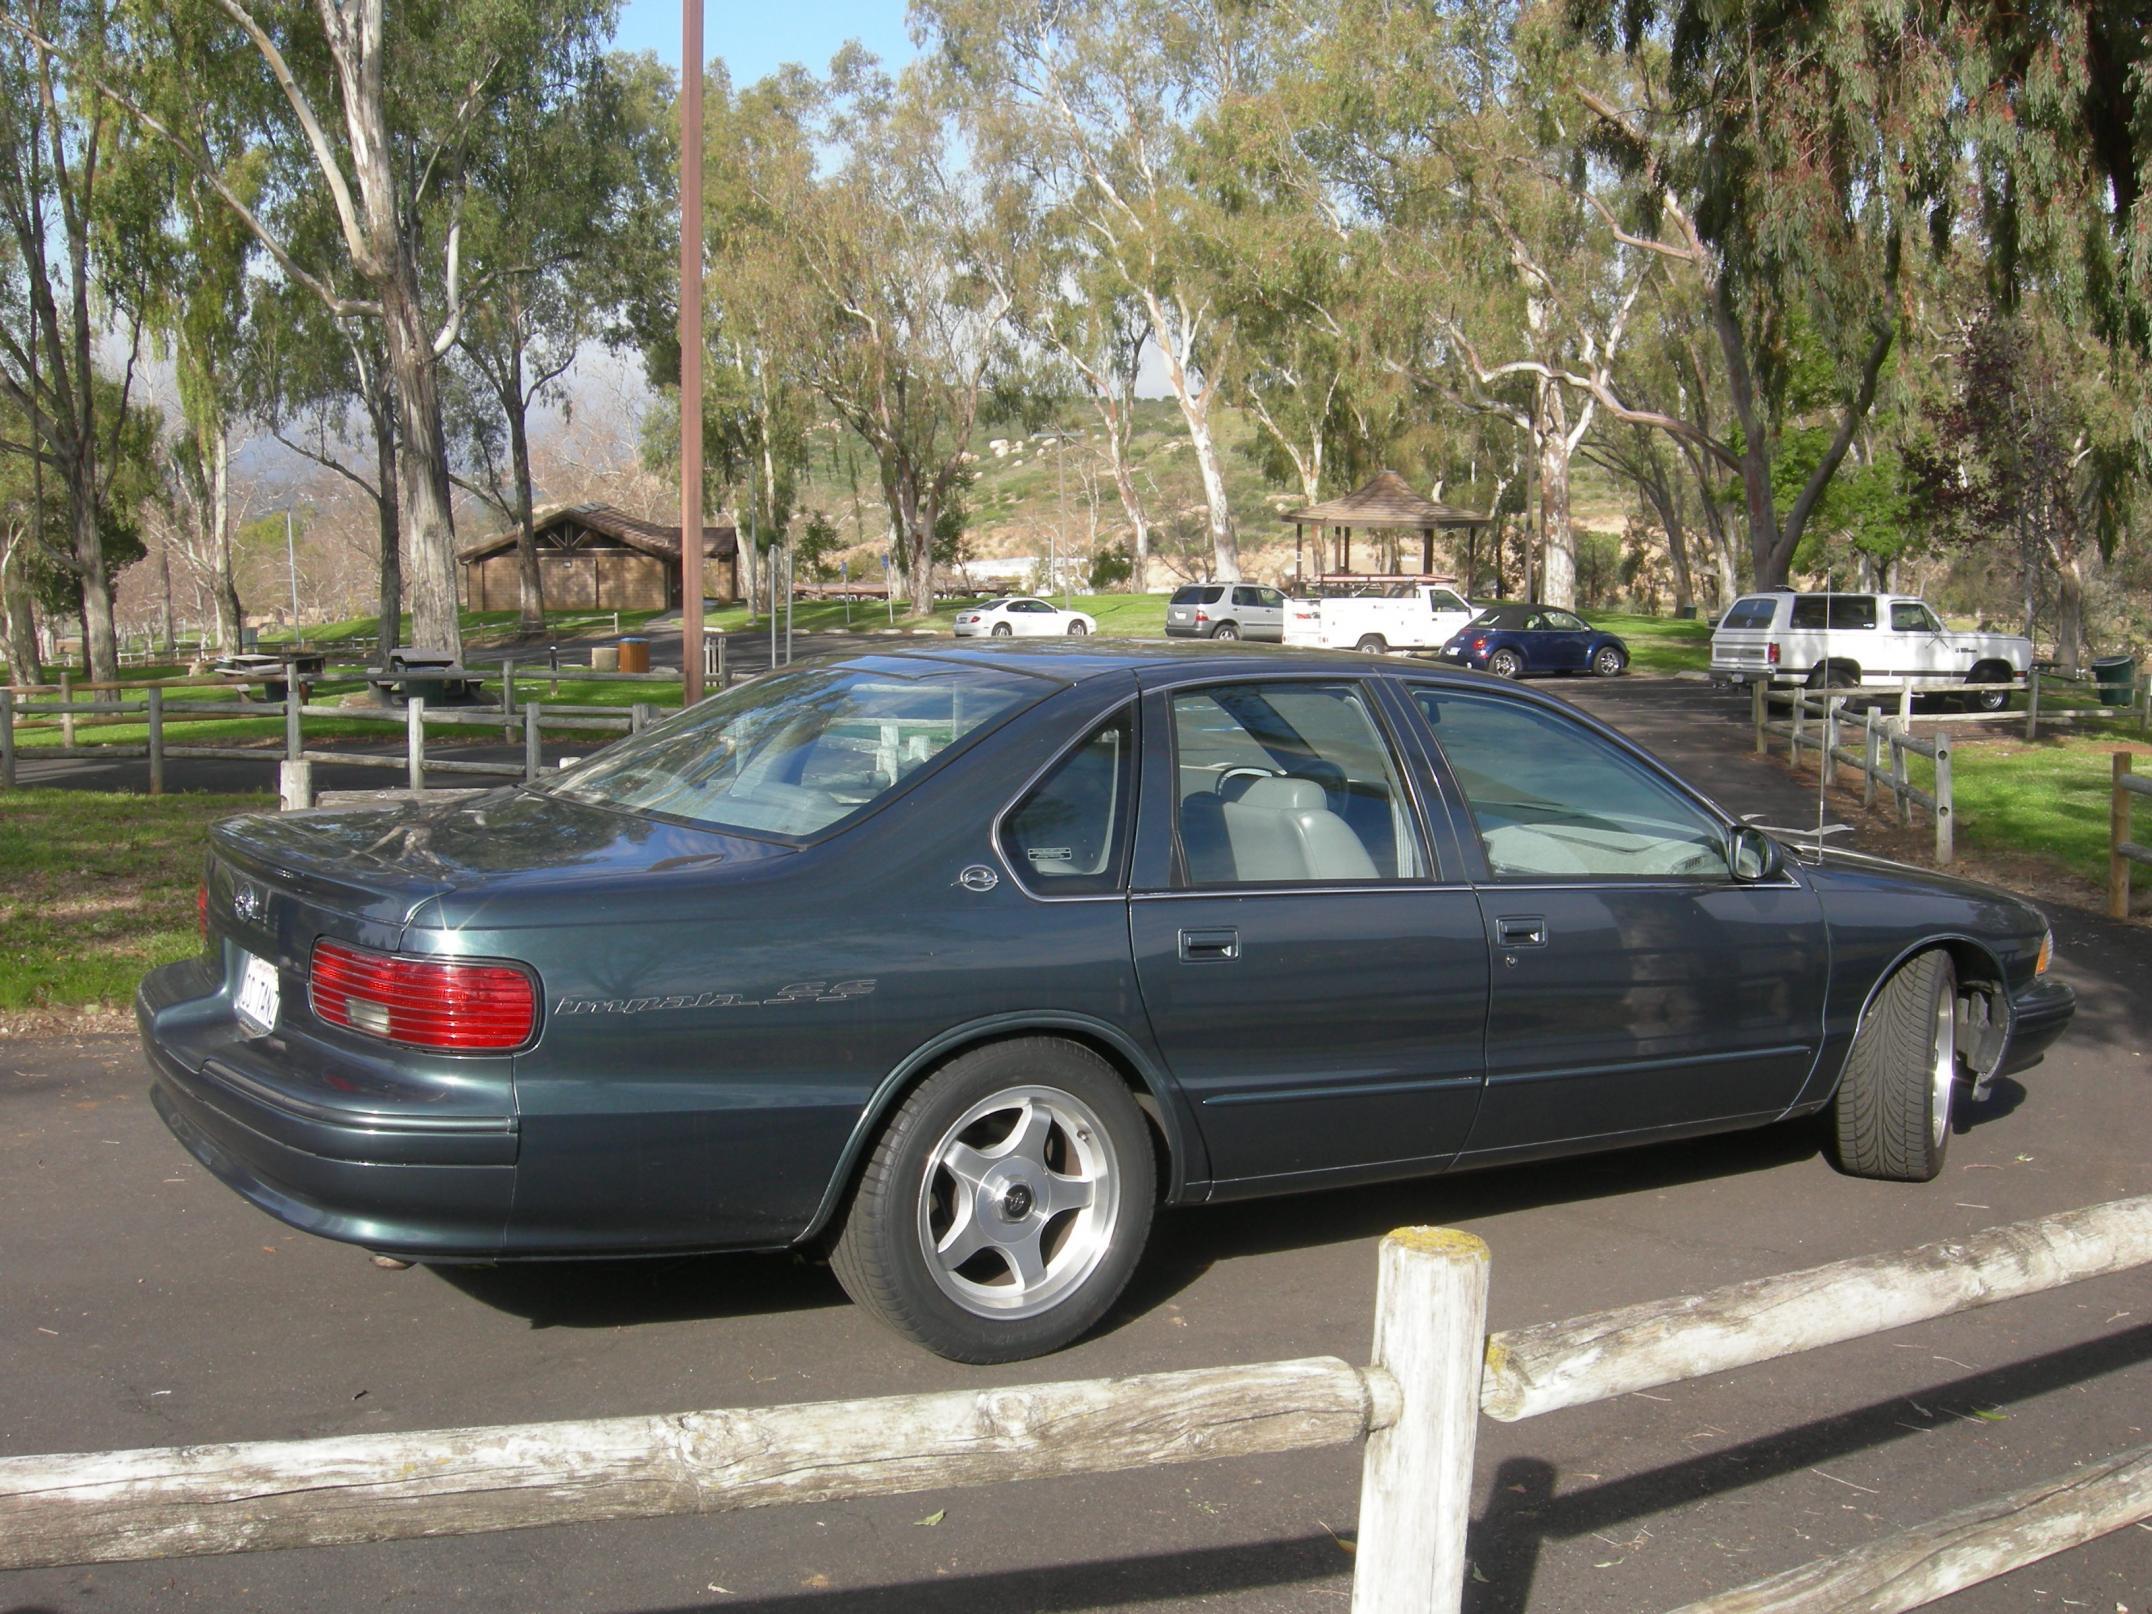 Low Mileage 1996 Impala SS for sale in San Diego-dscn1807.jpg